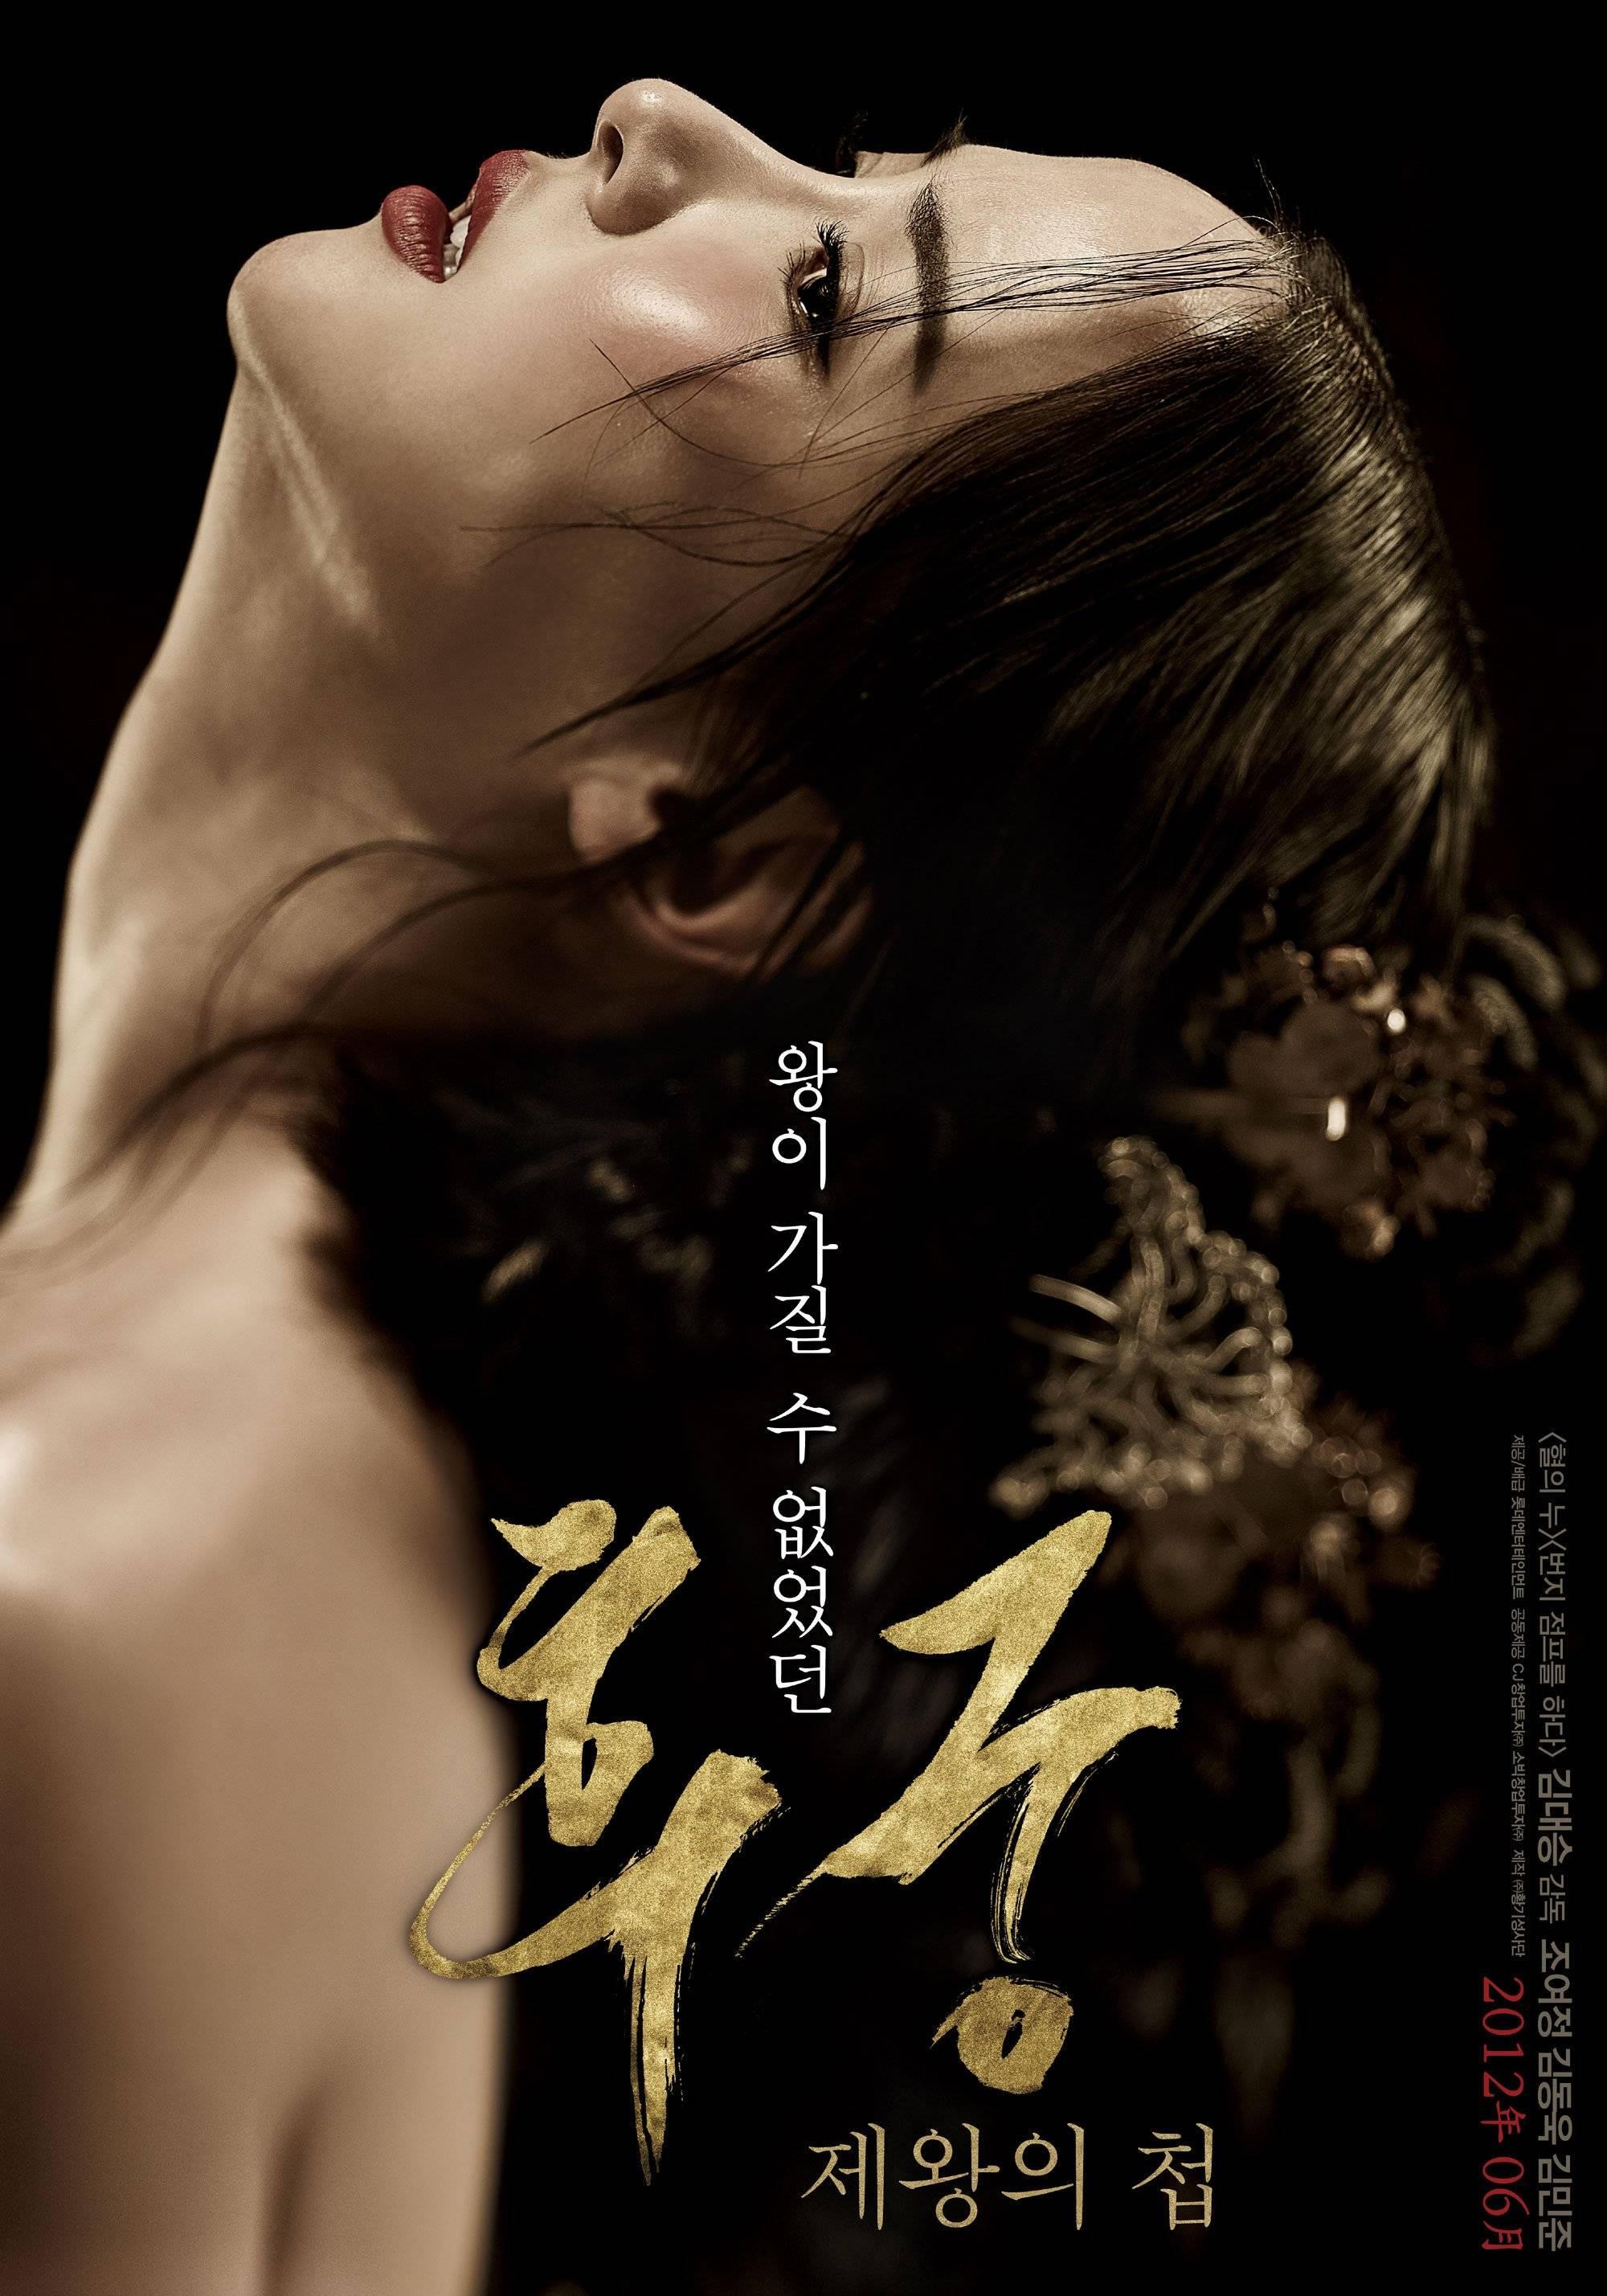 ხარჭა - THE CONCUBINE / Hoo-goong: Je-wang-eui cheob 2012